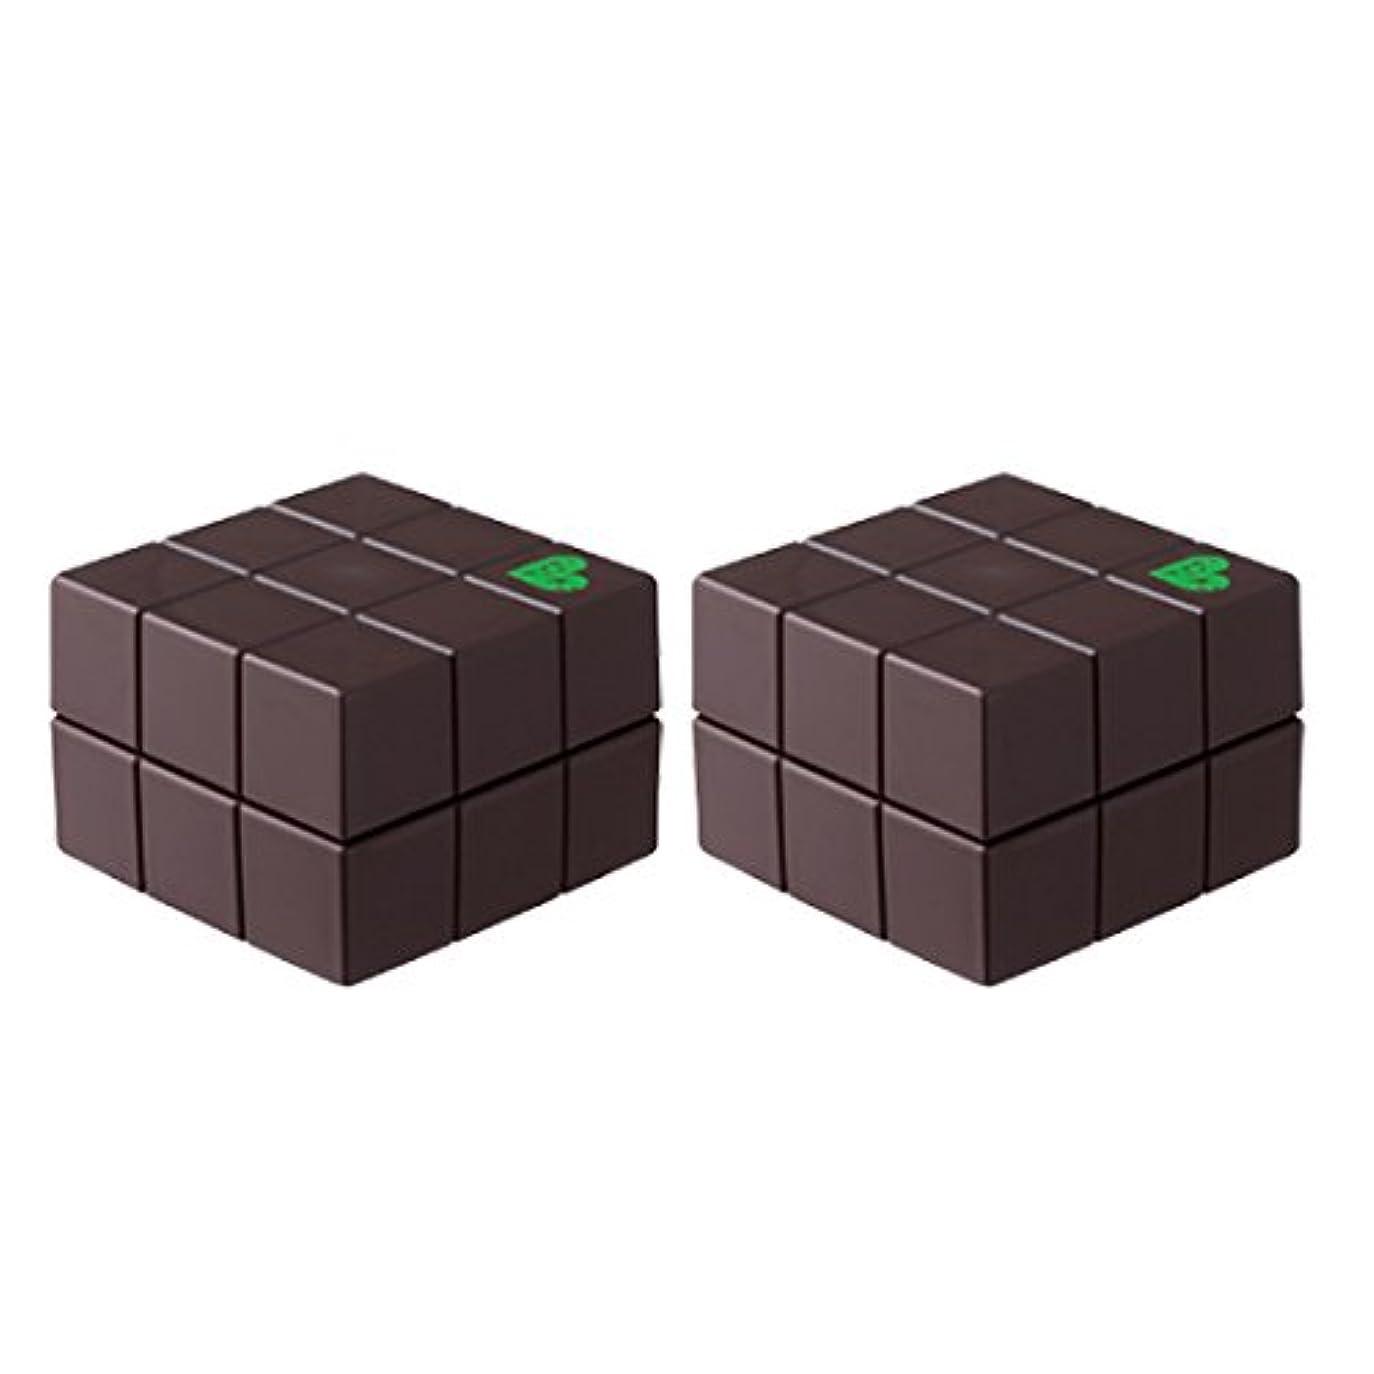 順応性のある蓄積する名門【x2個セット】 アリミノ ピース プロデザインシリーズ ハードワックス チョコ 40g